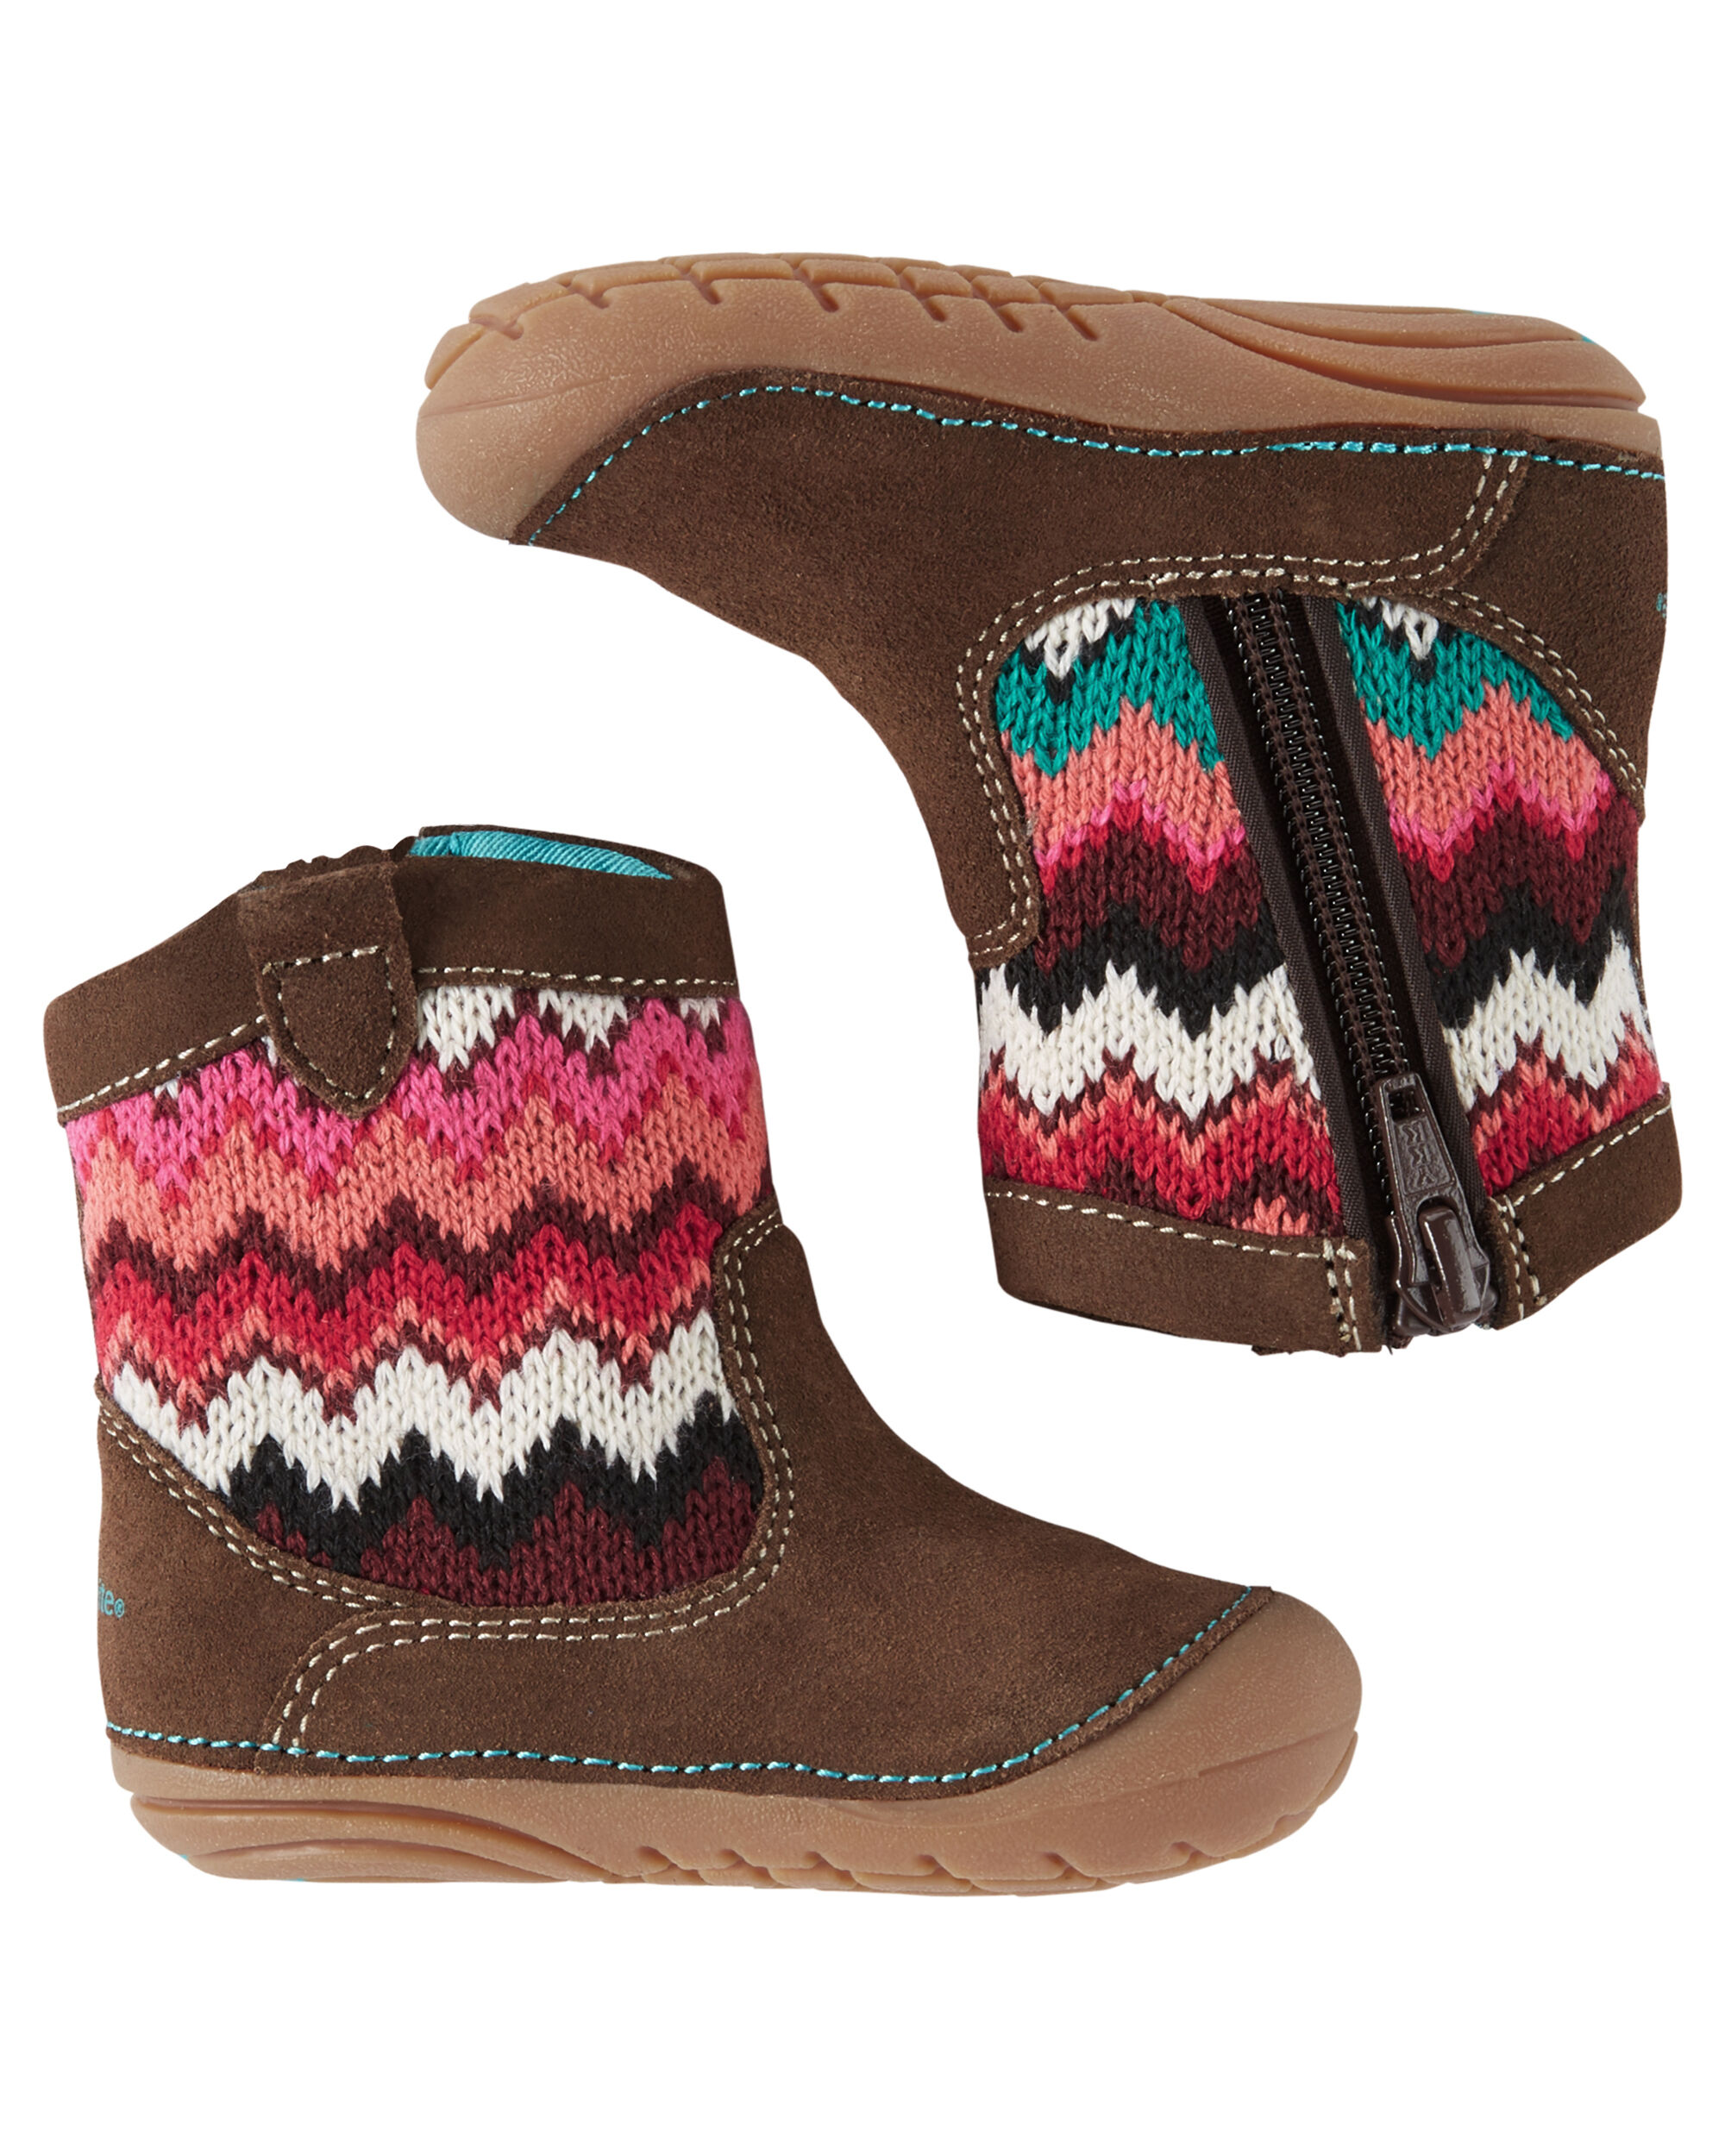 Stride Rite Soft Motion Quinn Boot